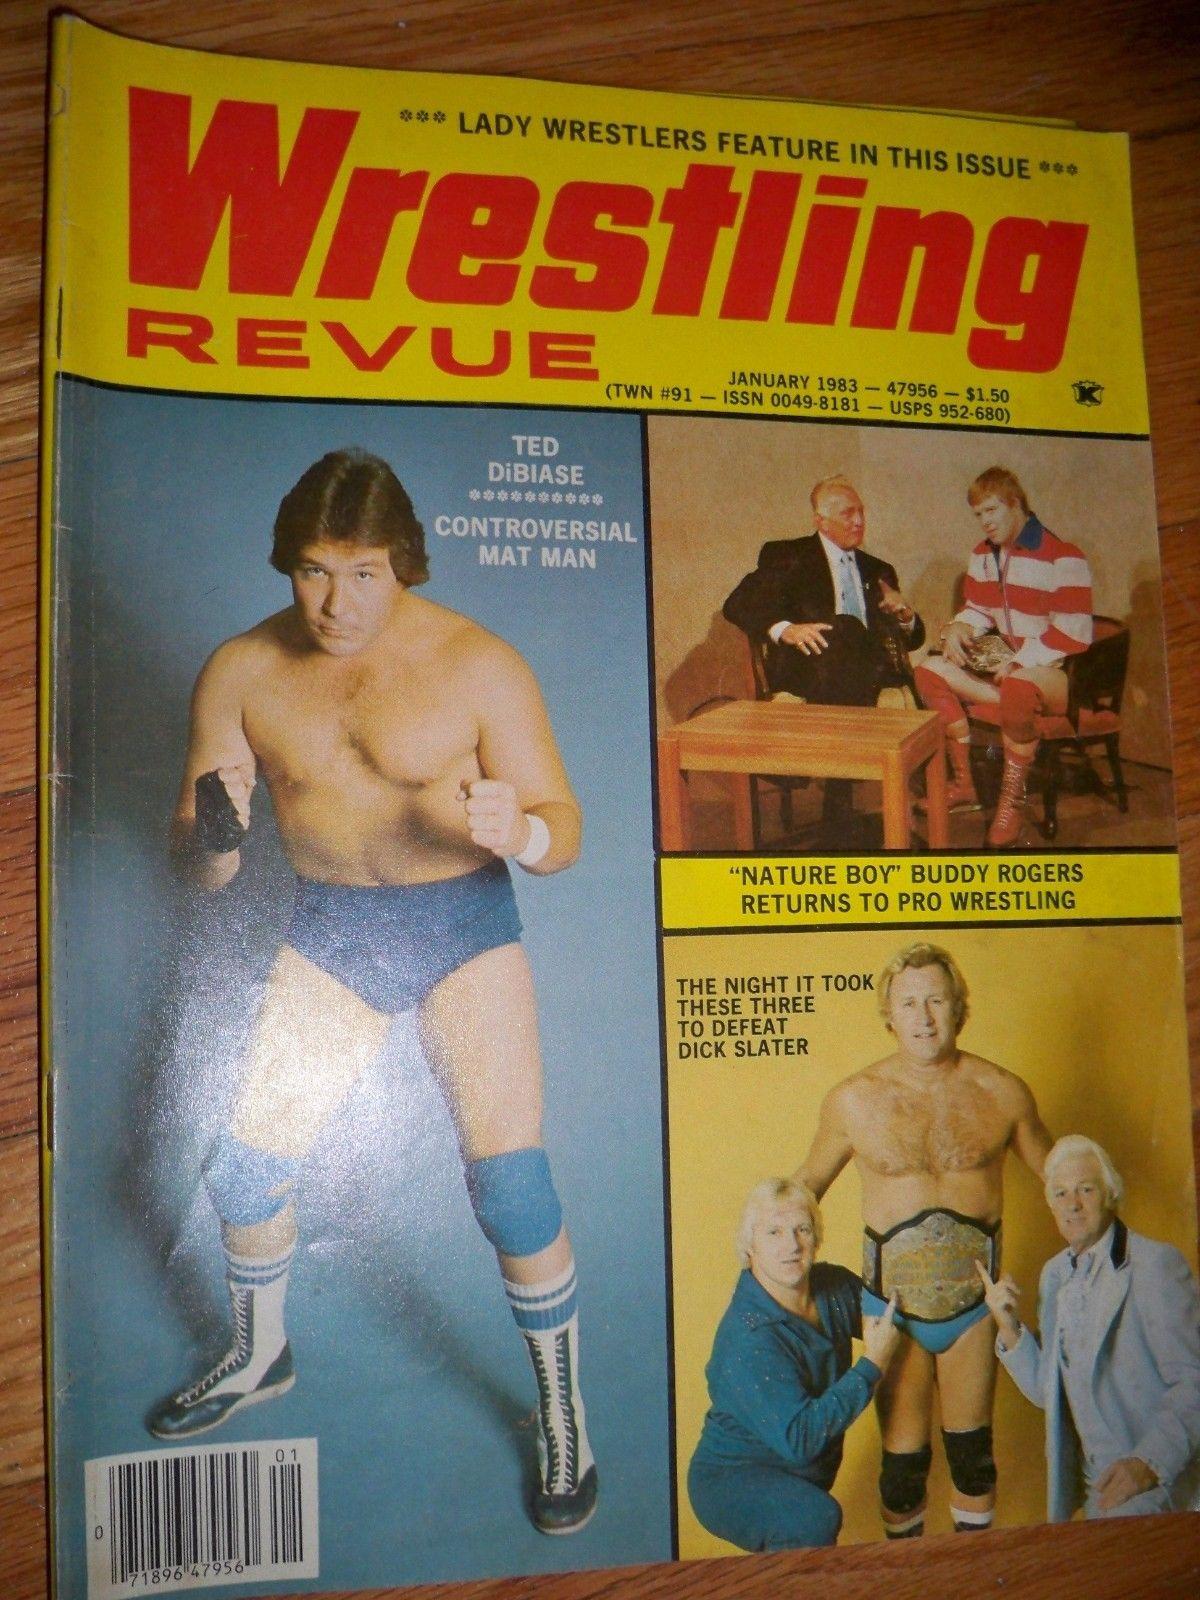 Wrestling Revue - January 1983